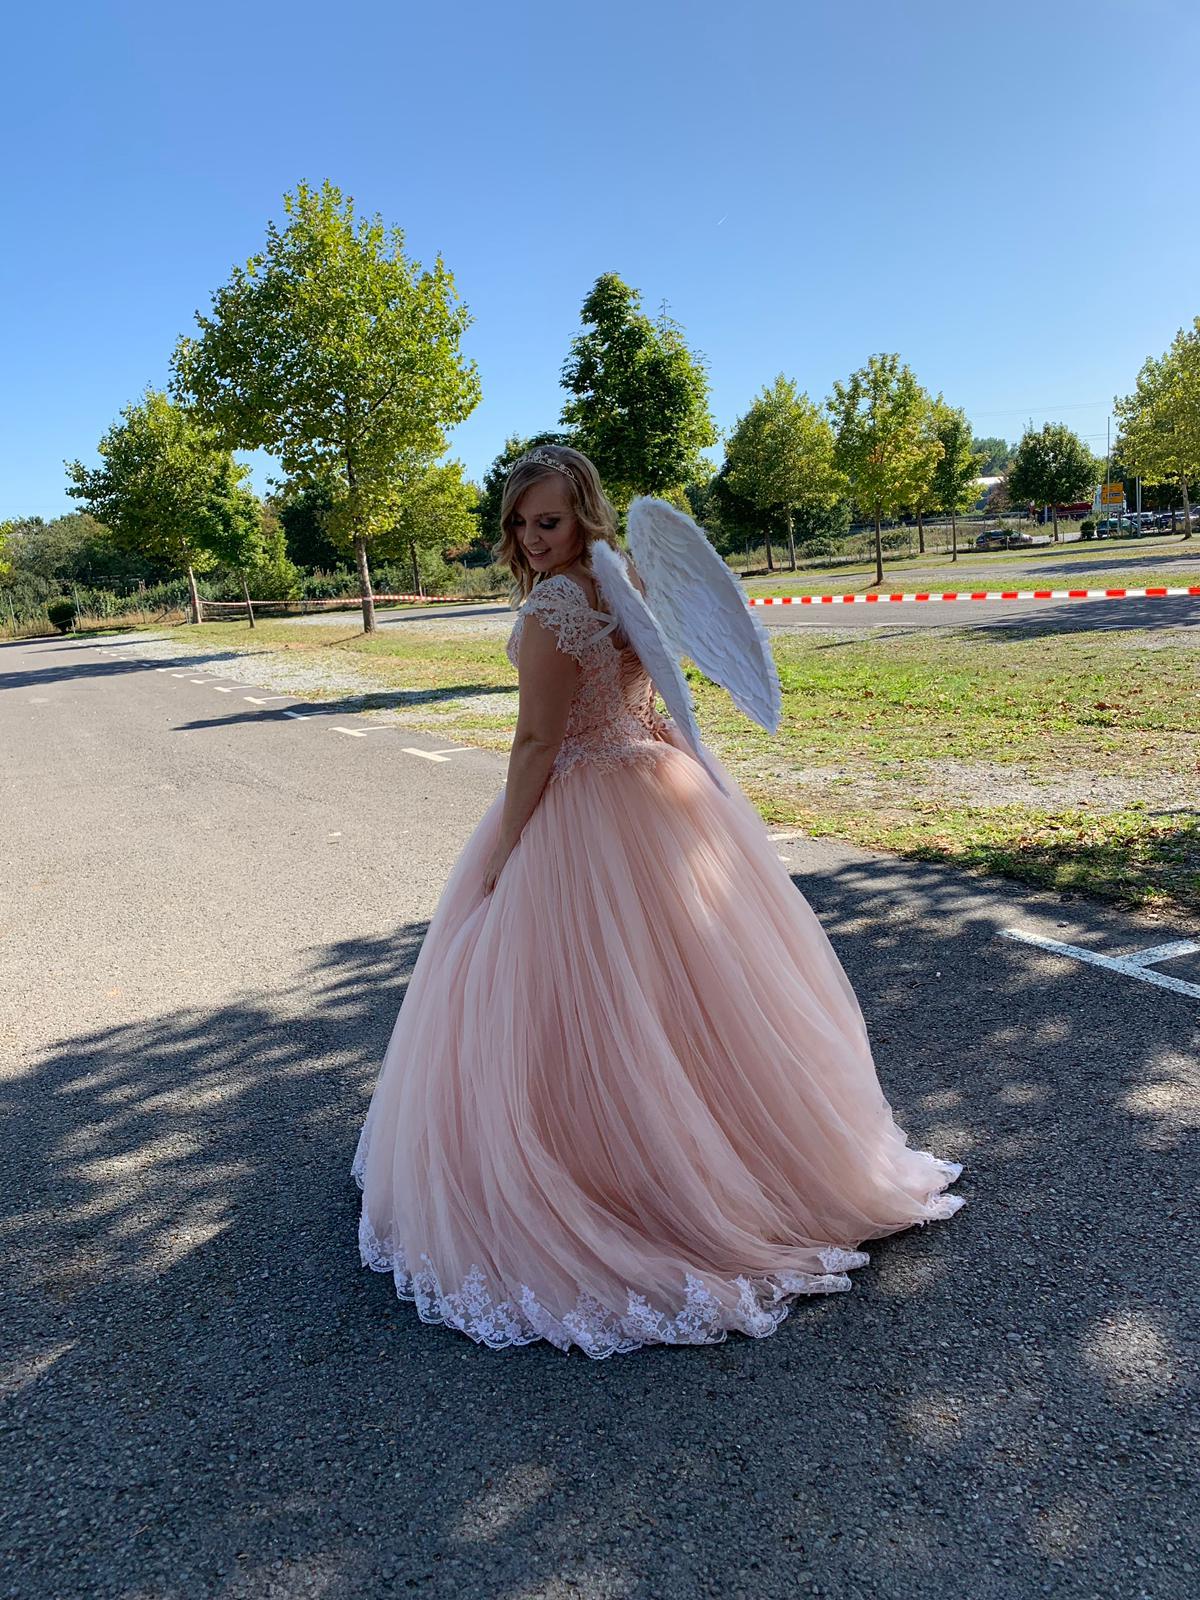 Majas Brautmoden - Hochzeitskleider & Abendmode - Vlotho